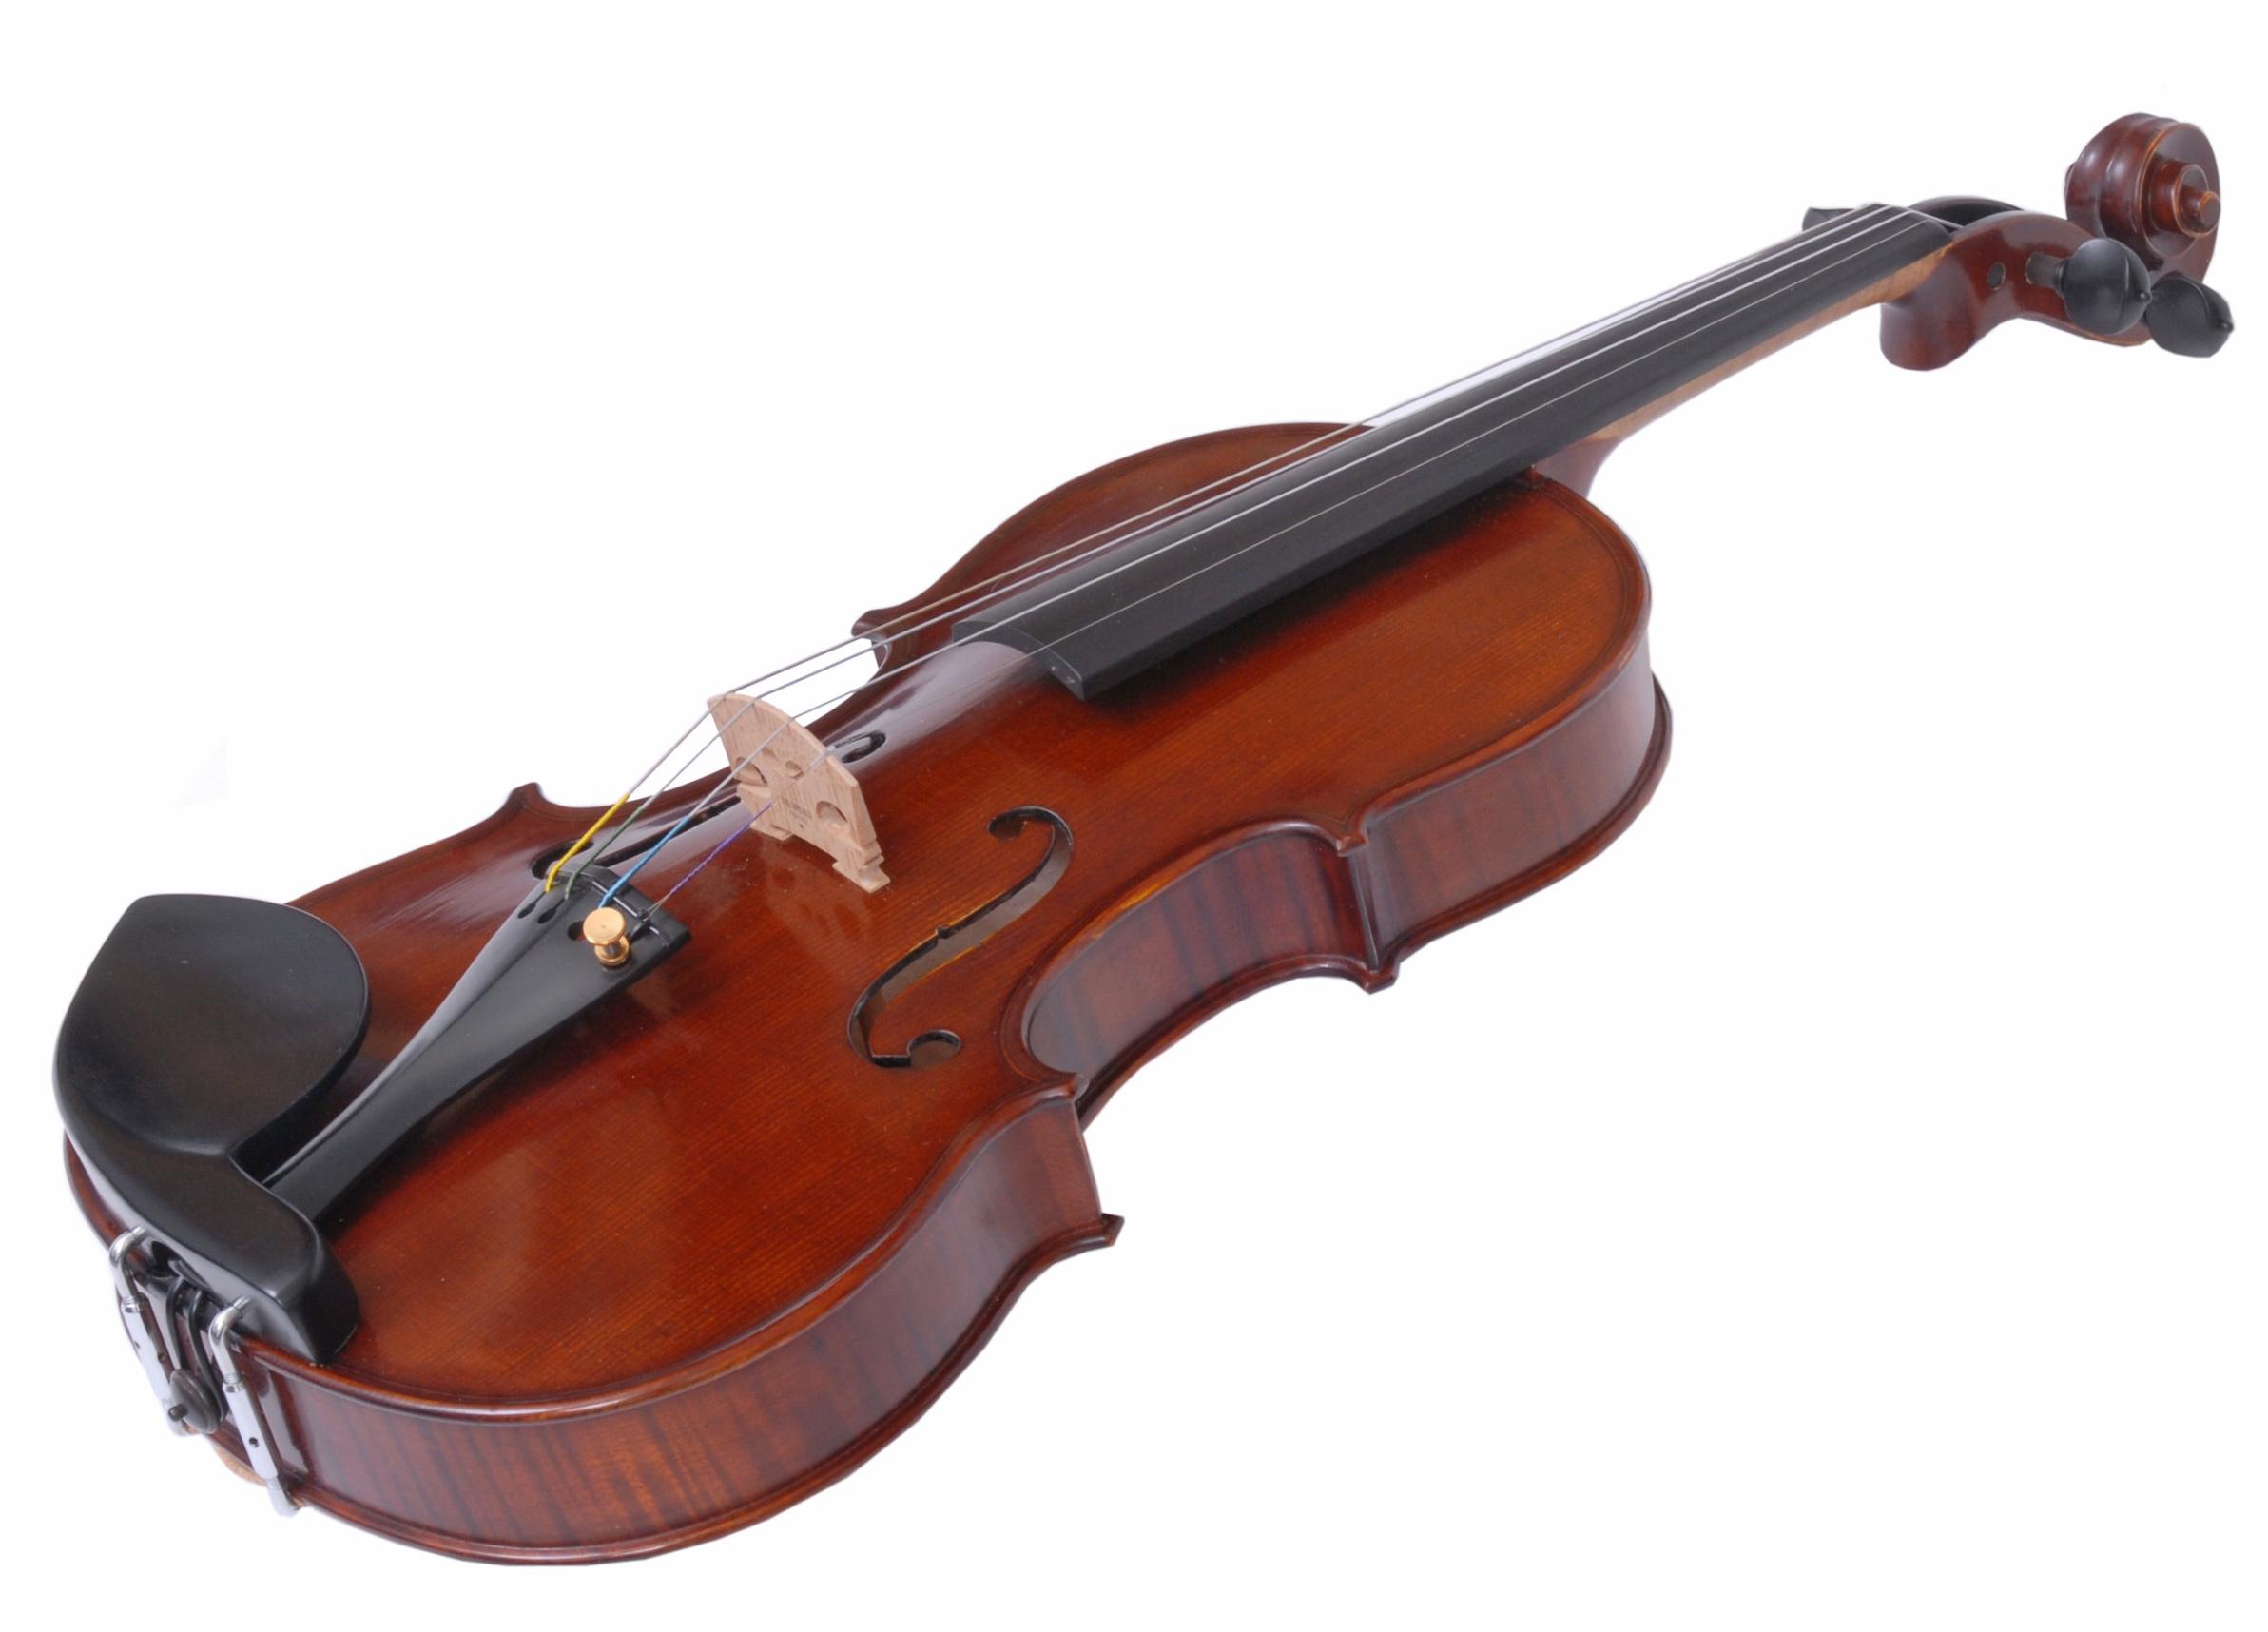 Erwin+Otto+1240+R+violin+front+.jpg